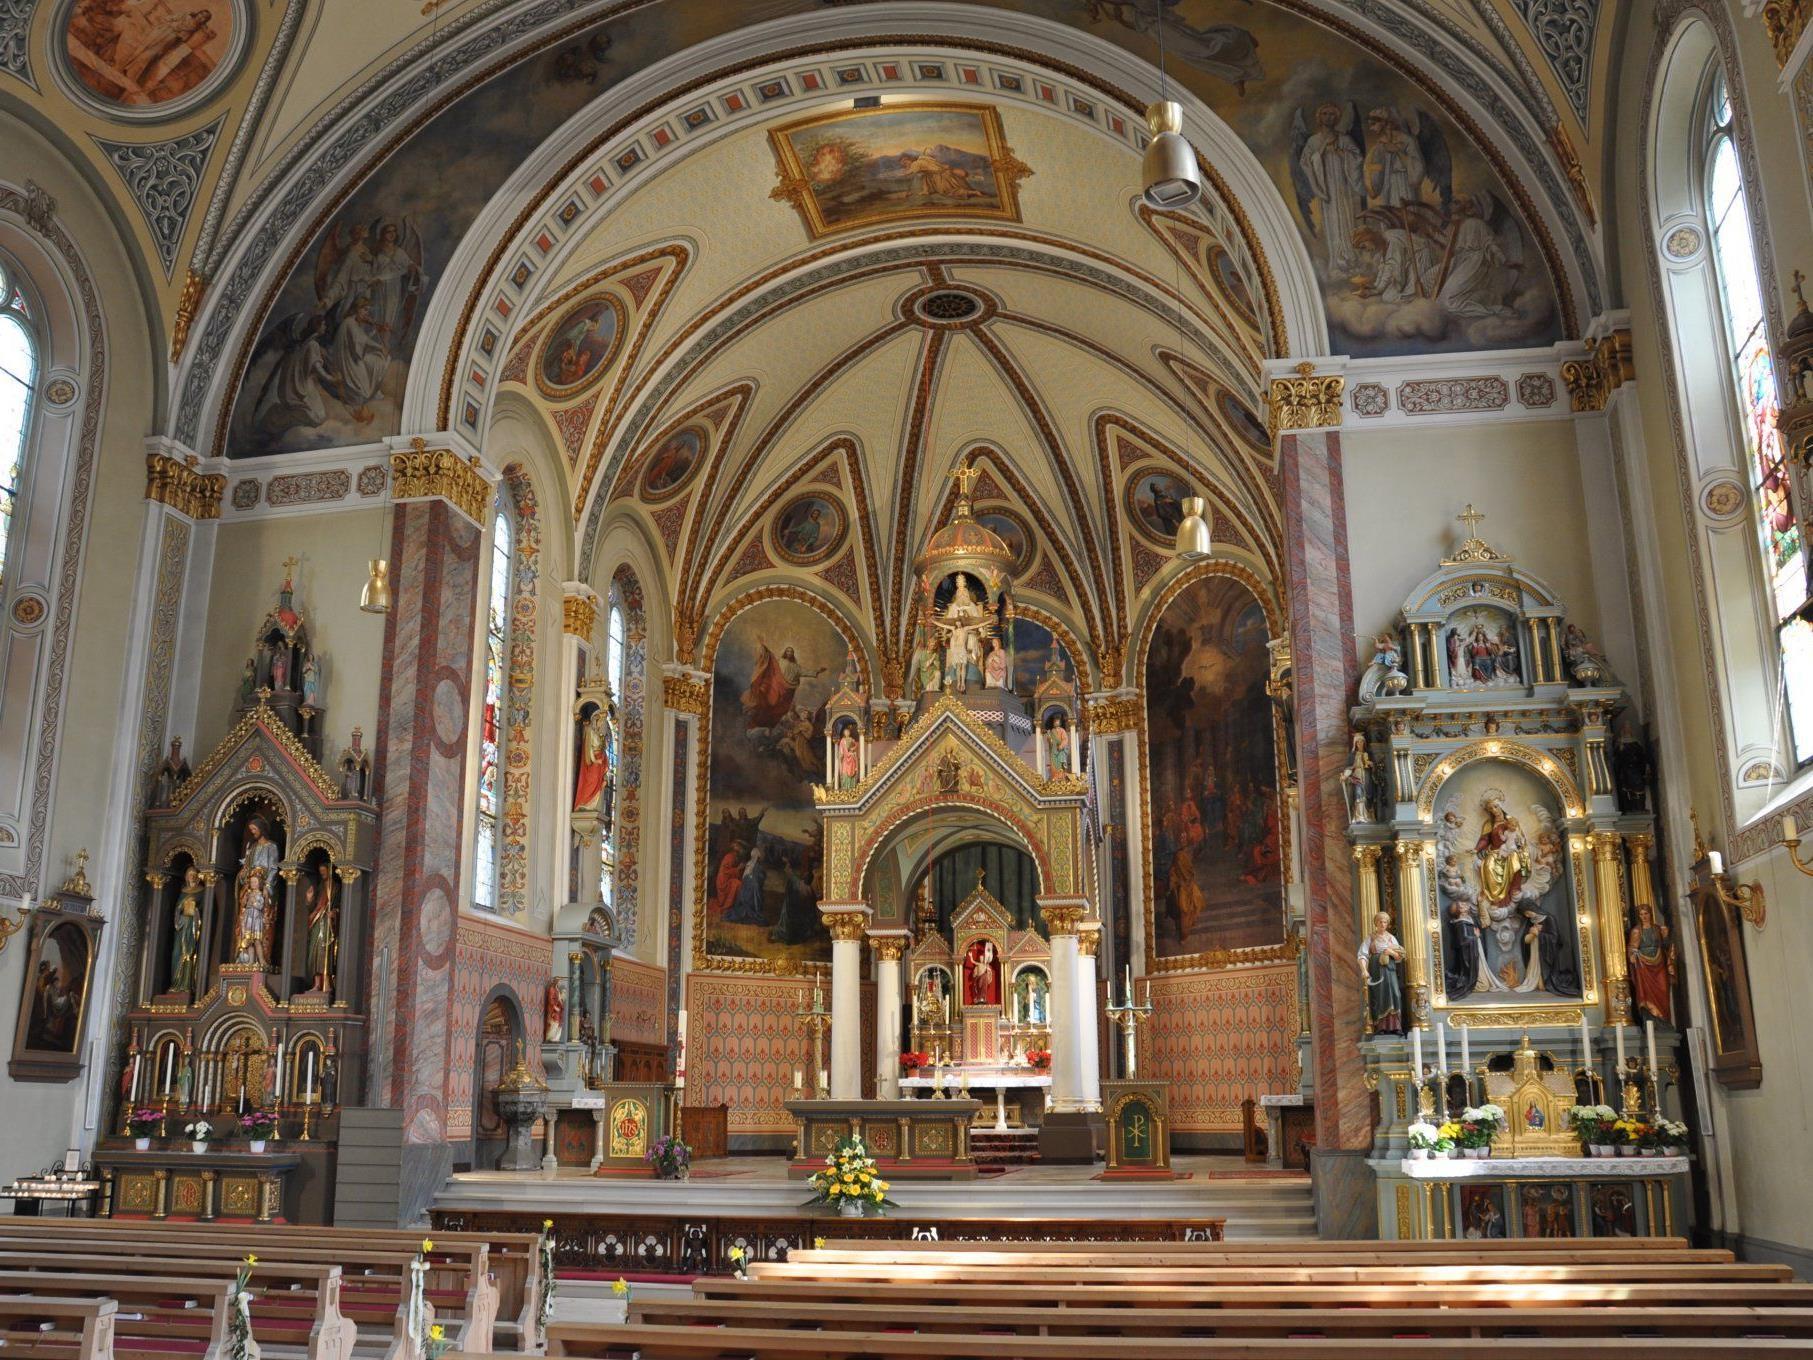 Schrunser Kirche feierlich geschmückt für die Osternachtfeier